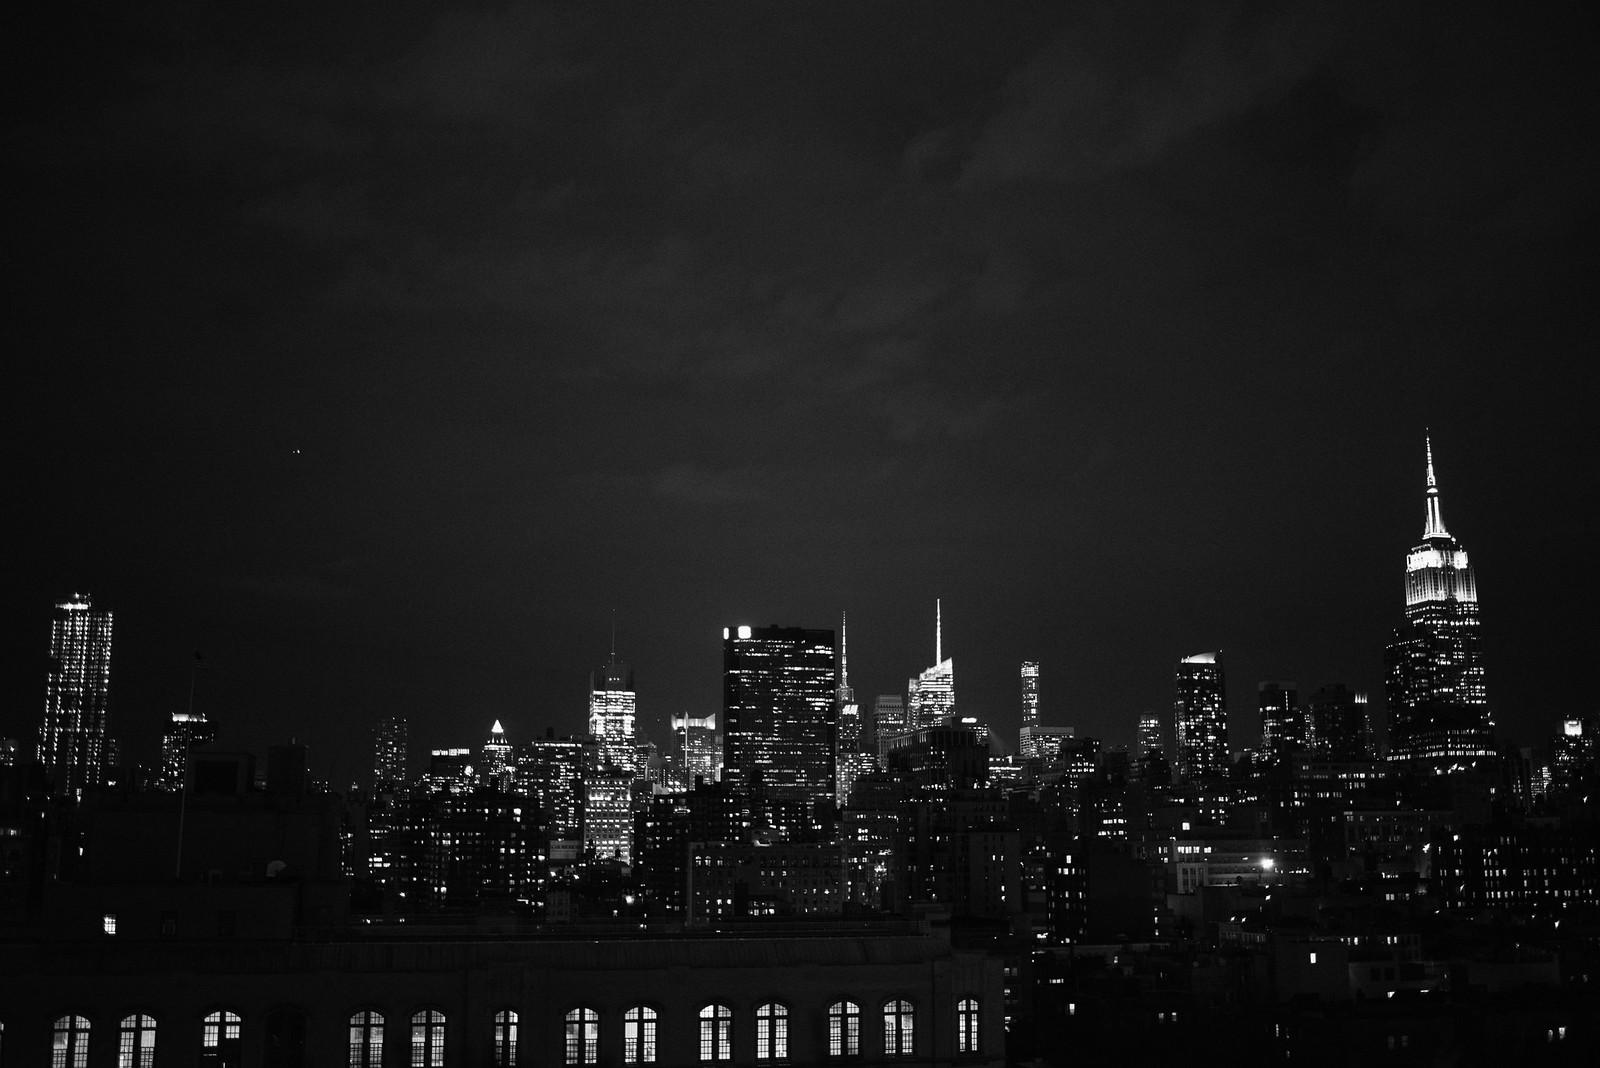 NY Nights on juliettelaura.blogspot.com